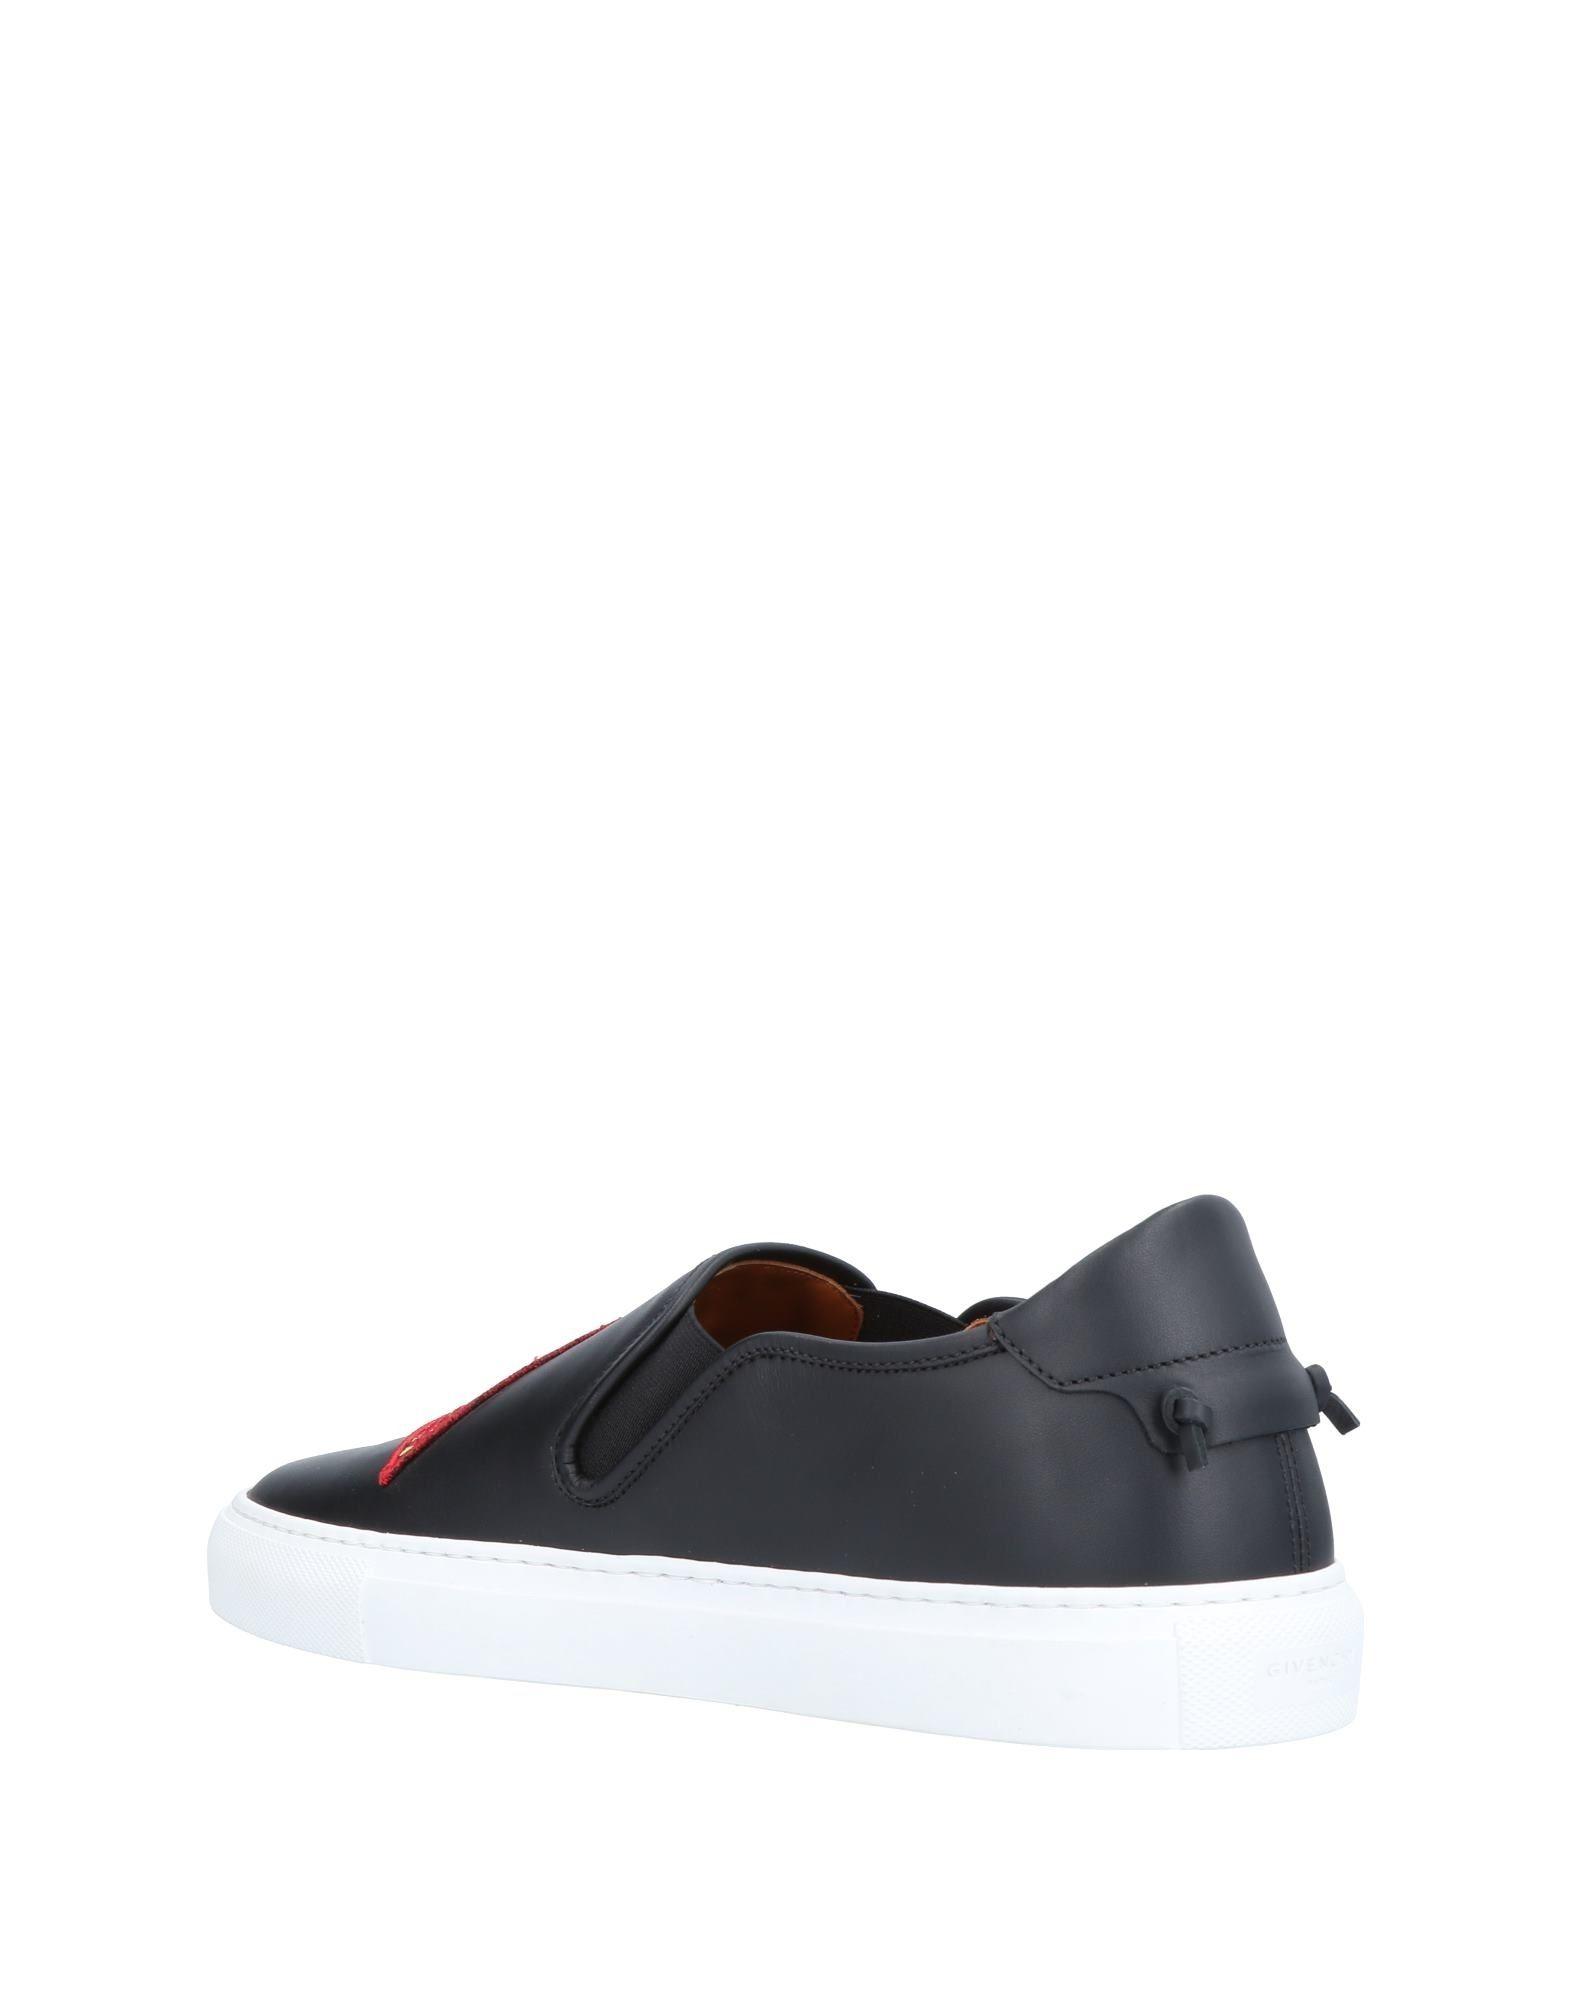 Givenchy Sneakers Herren  11496126JT Gute Qualität Qualität Gute beliebte Schuhe 83bd4e